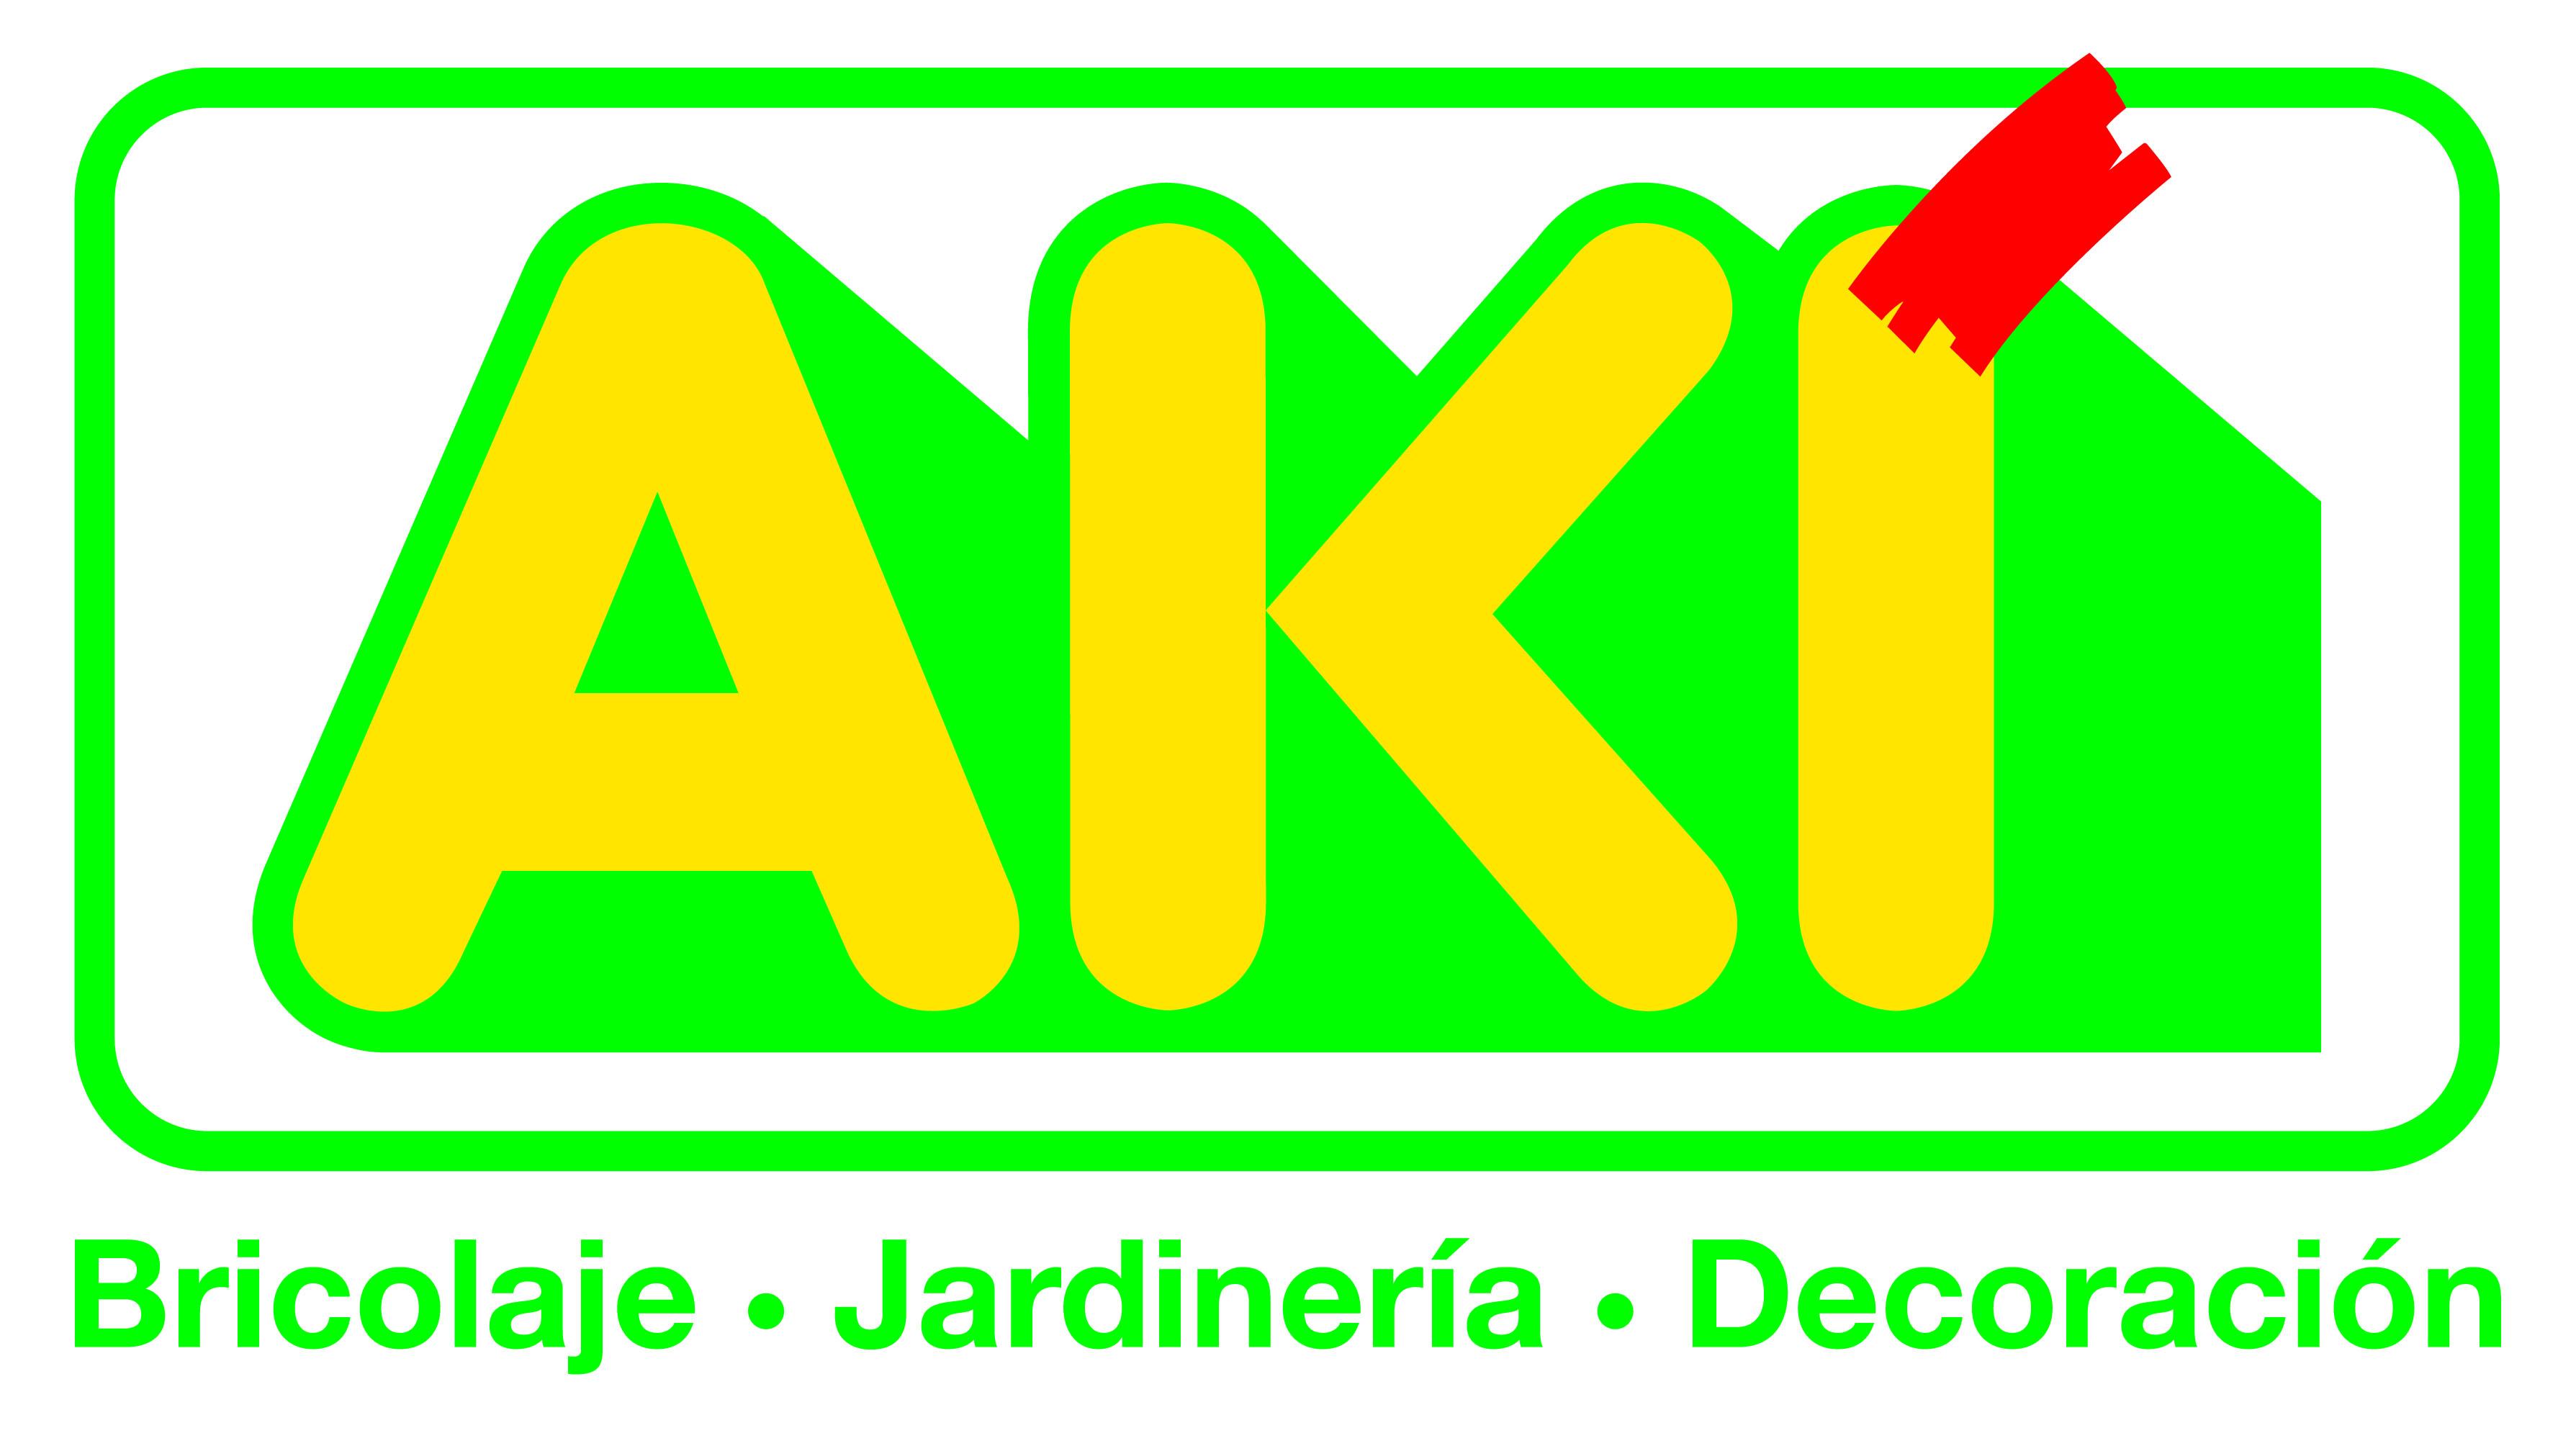 Mi casa decoracion aki bricolage catalogo - Catalogo aki jardin ...